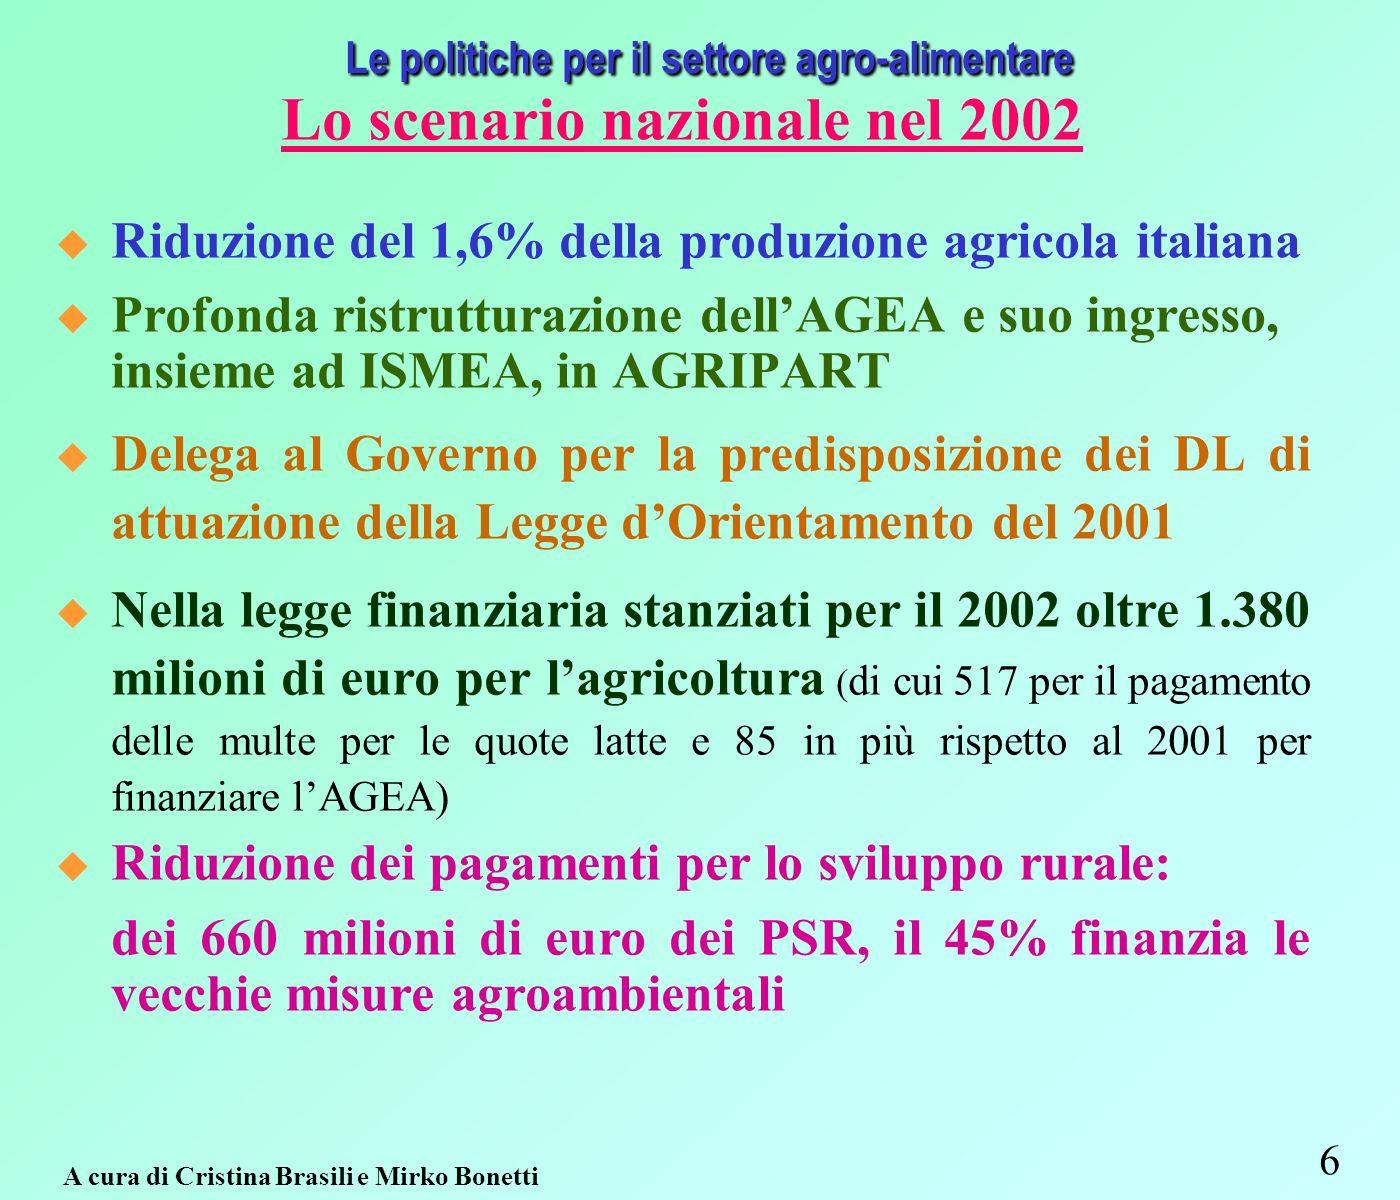 6 Le politiche per il settore agro-alimentare Lo scenario nazionale nel 2002 Riduzione del 1,6% della produzione agricola italiana Profonda ristrutturazione dellAGEA e suo ingresso, insieme ad ISMEA, in AGRIPART Delega al Governo per la predisposizione dei DL di attuazione della Legge dOrientamento del 2001 Nella legge finanziaria stanziati per il 2002 oltre 1.380 milioni di euro per lagricoltura ( di cui 517 per il pagamento delle multe per le quote latte e 85 in più rispetto al 2001 per finanziare lAGEA) Riduzione dei pagamenti per lo sviluppo rurale: dei 660 milioni di euro dei PSR, il 45% finanzia le vecchie misure agroambientali A cura di Cristina Brasili e Mirko Bonetti